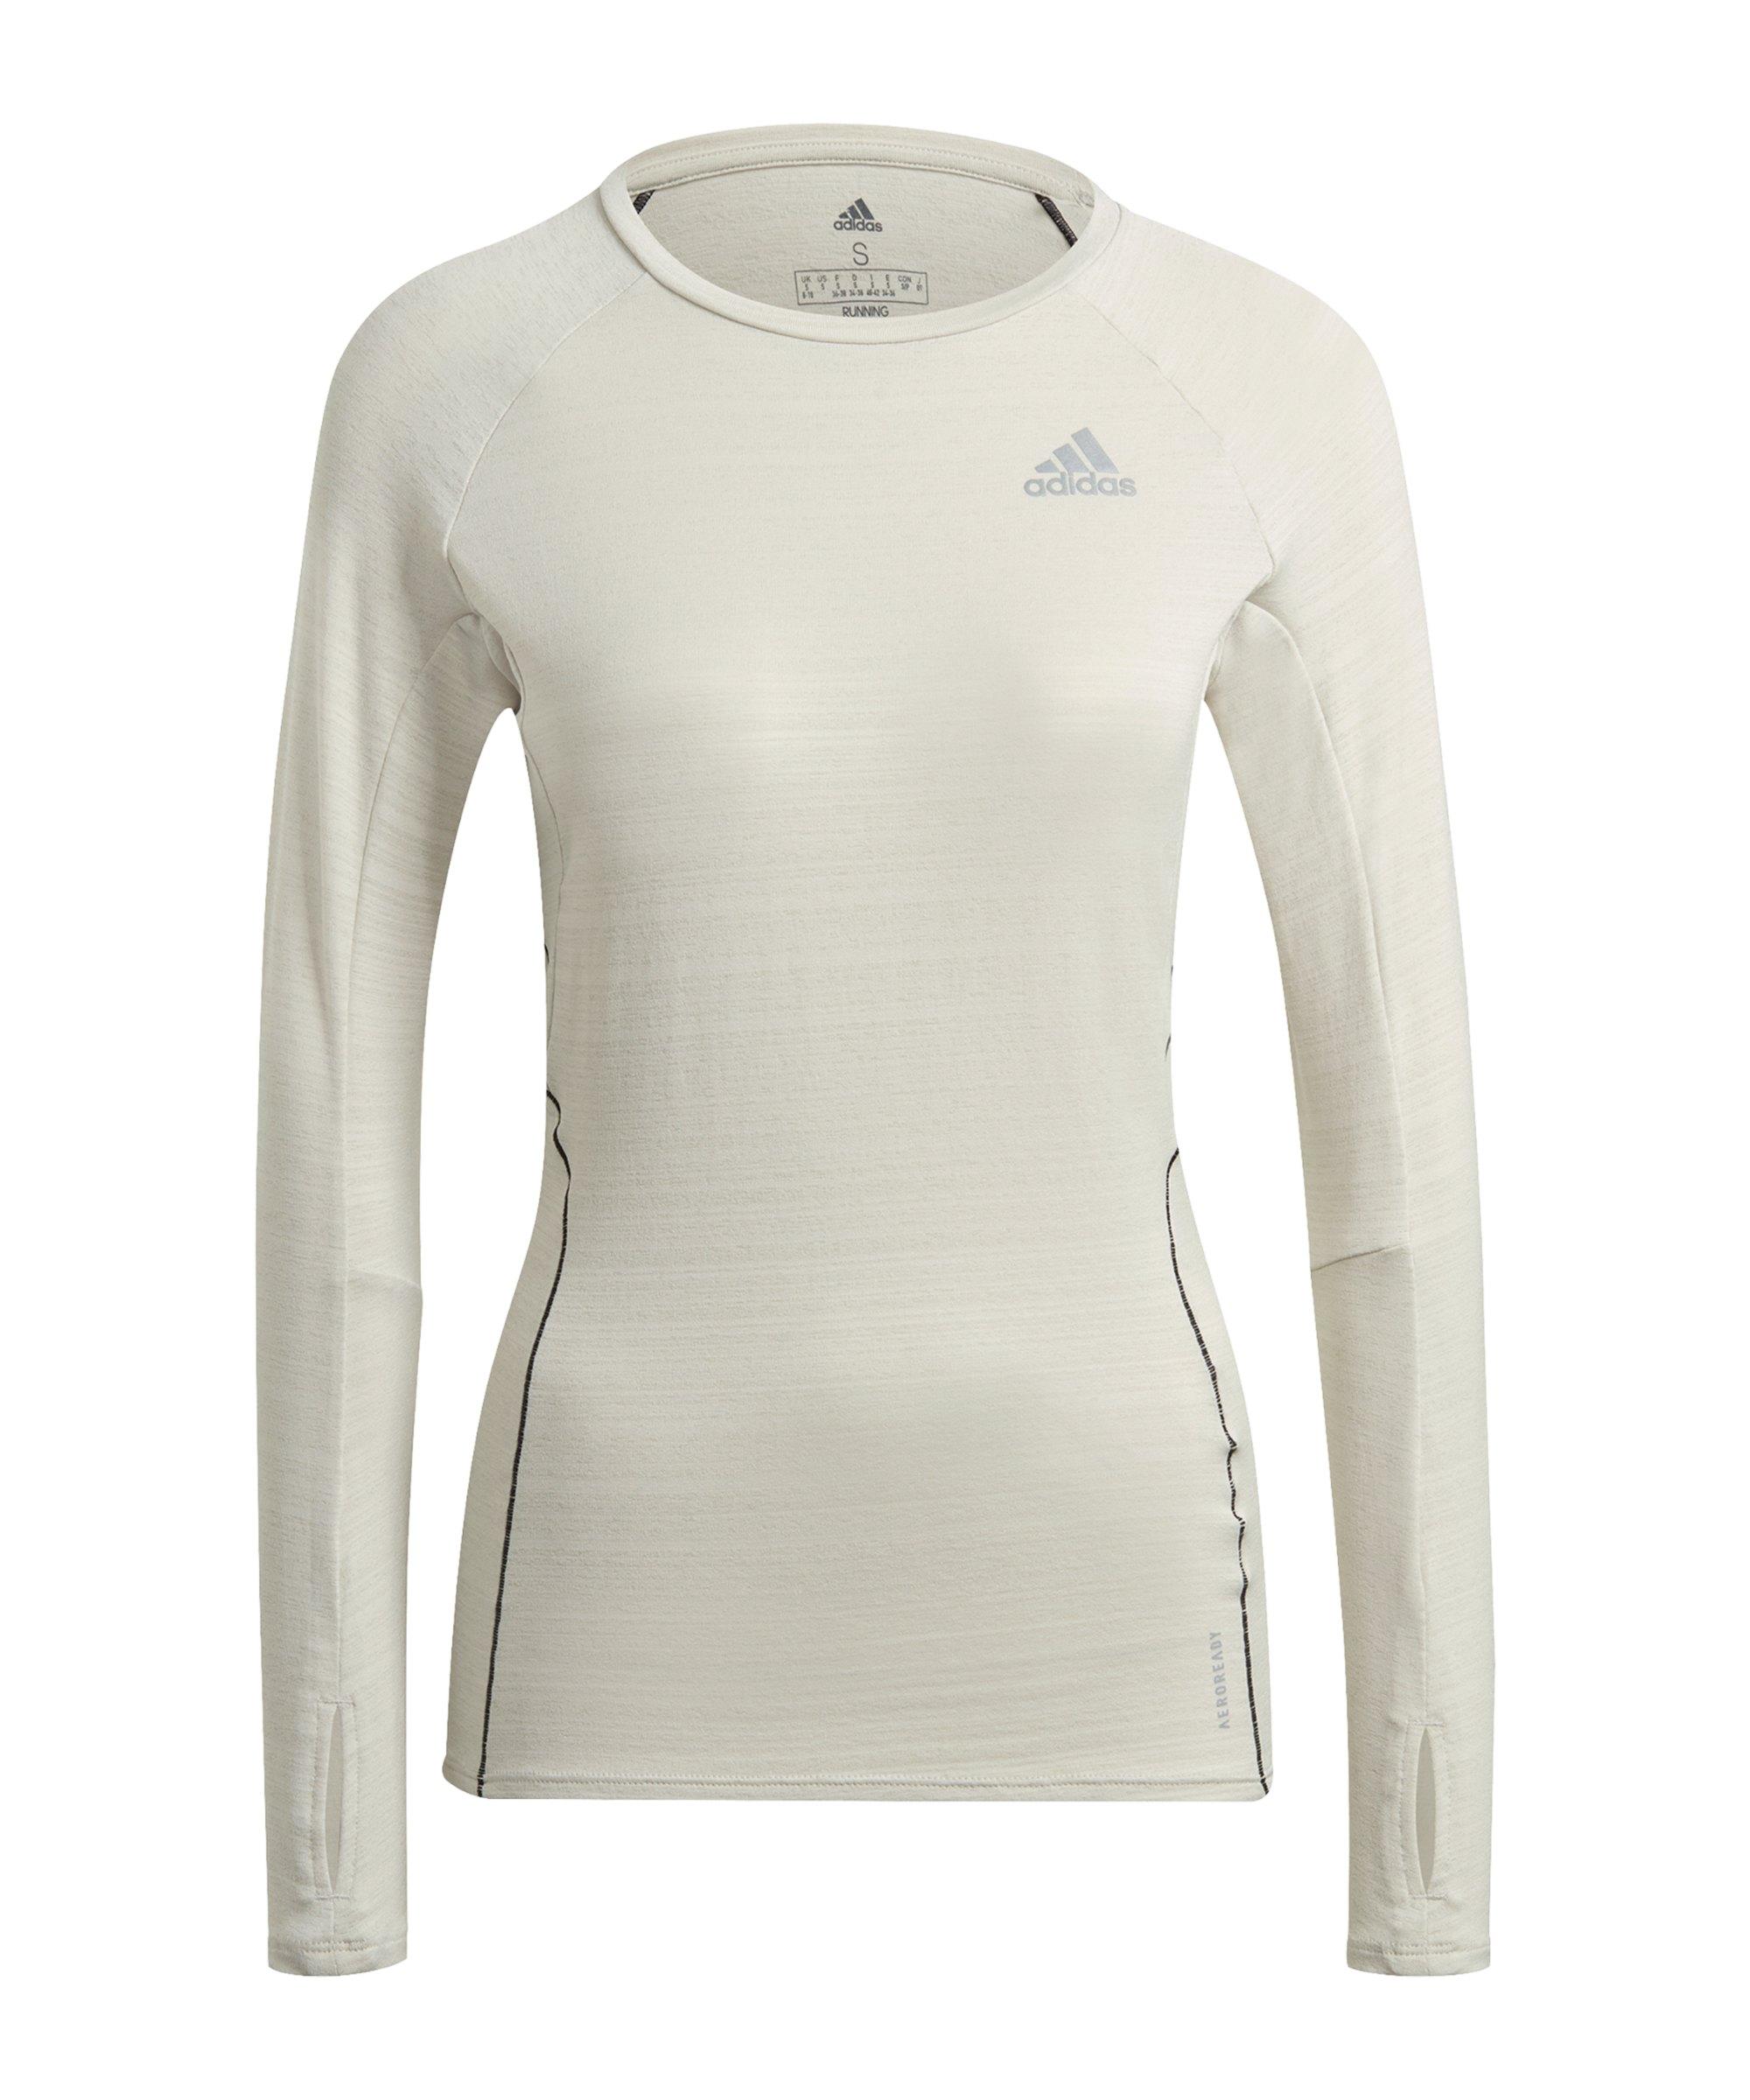 adidas Adi Runner Shirt LA Running Damen Weiss - weiss